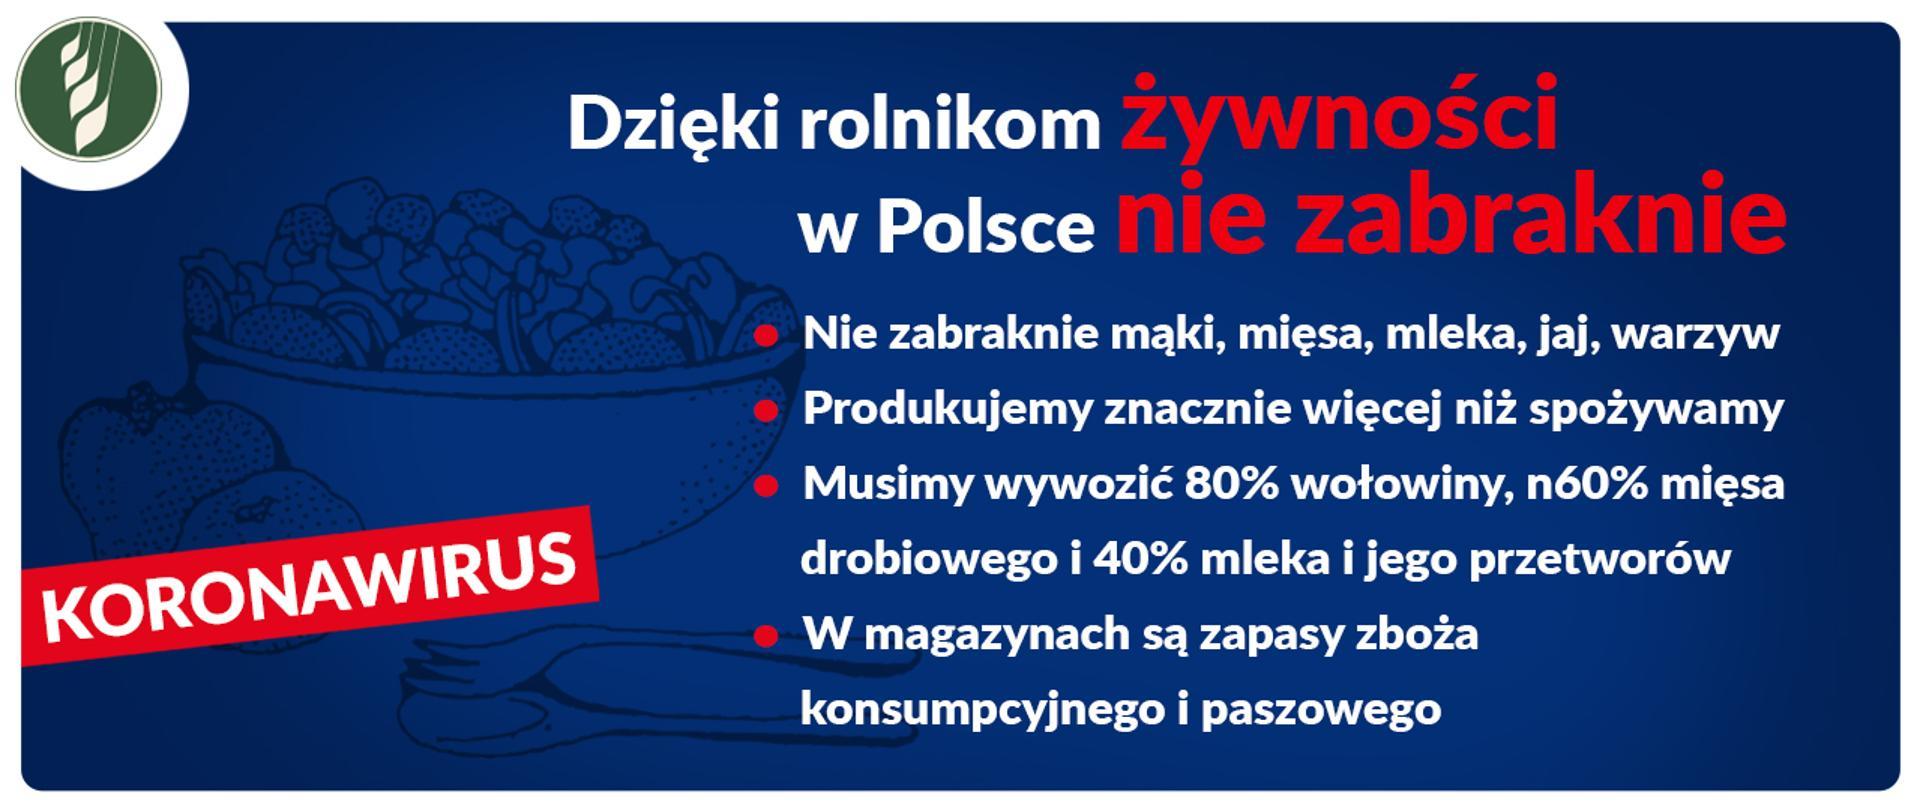 Dzięki rolnikom żywności w Polsce nie zabraknie